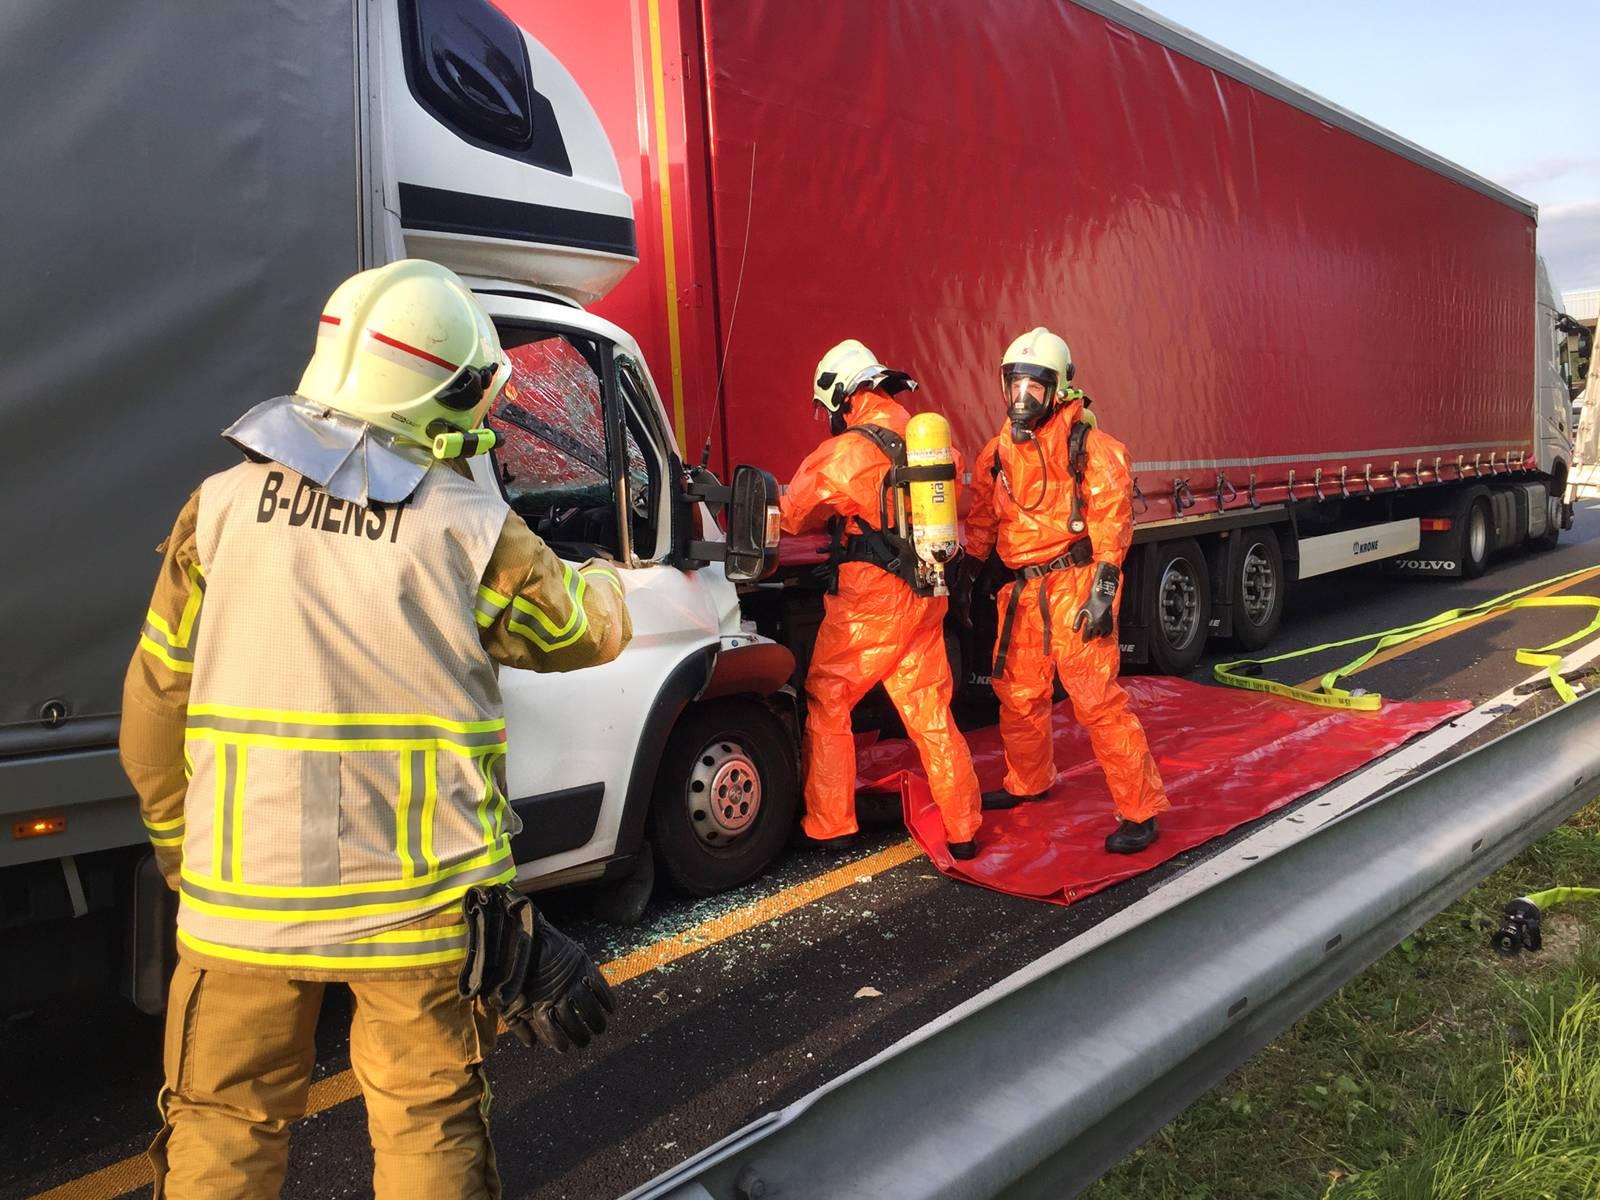 Drei Einsatzkräfte der Feuerwehr Hannover beim Öffnen der Plane des verunfallten LKWs.